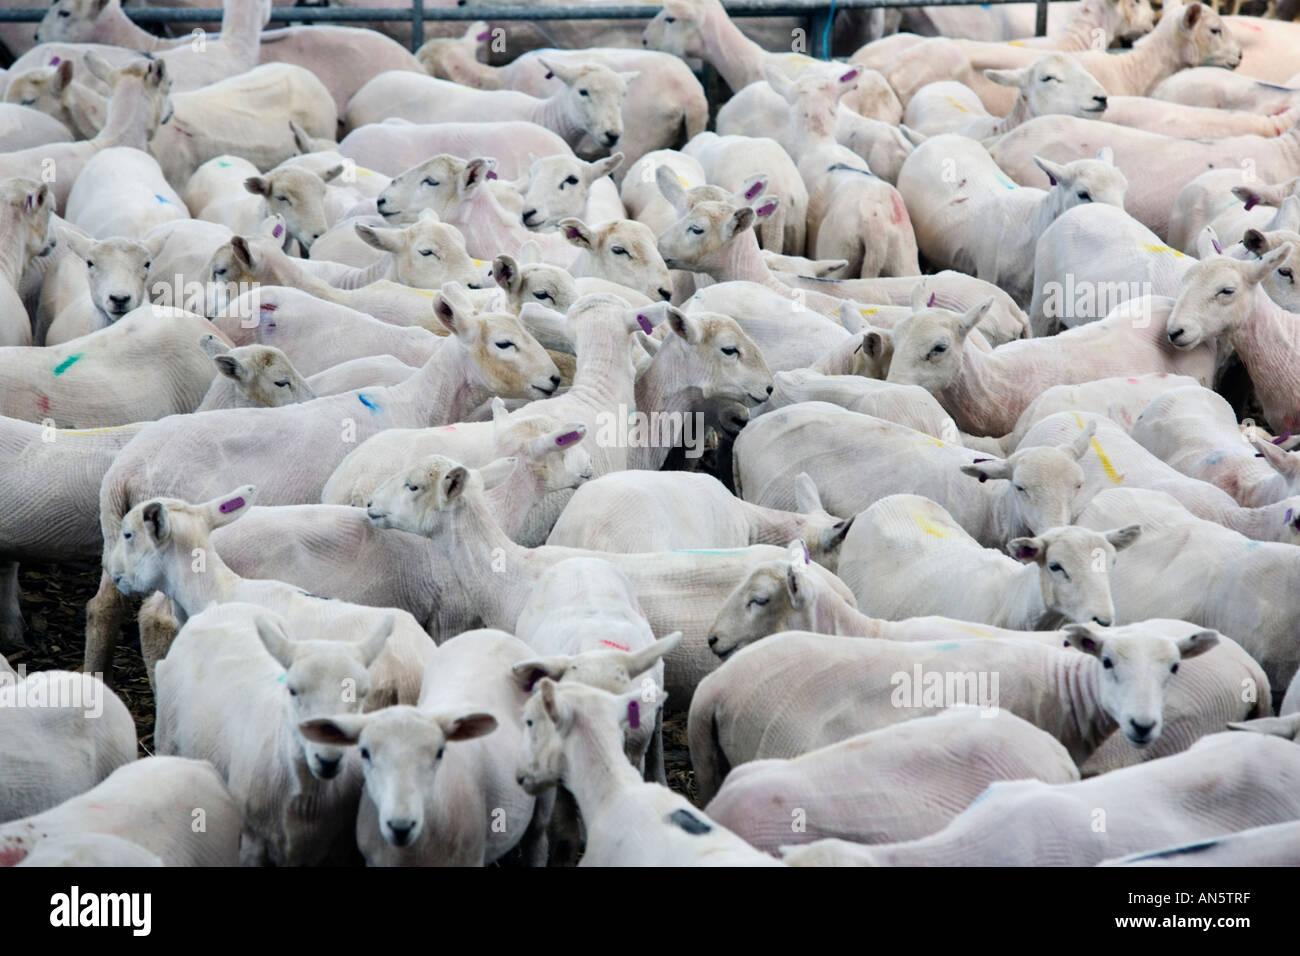 Moutons dans un enclos au Royal Welsh Show à Builth Wells au Pays de Galles qu'ils viennent d'être tondus dans le concours de la tonte des moutons Banque D'Images